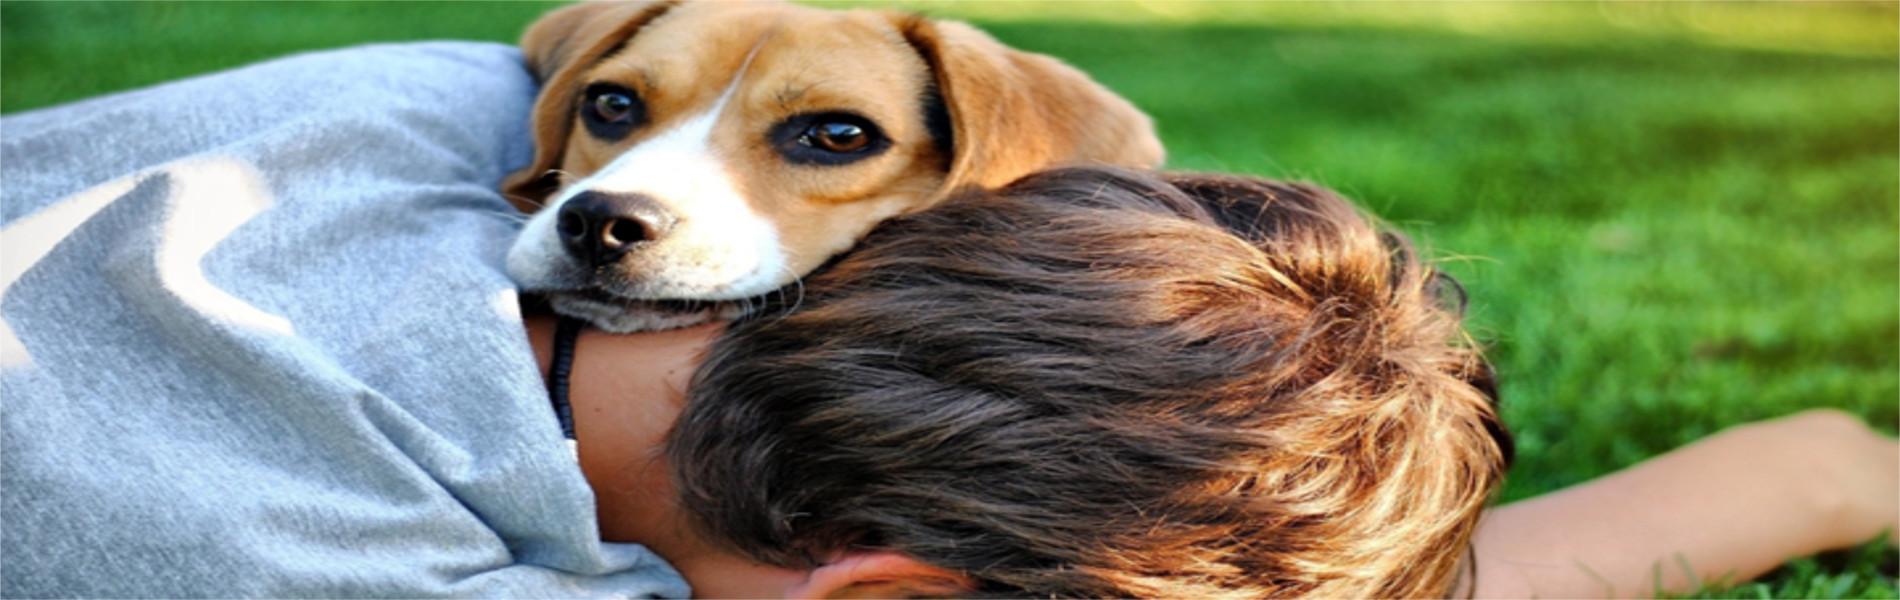 O cachorro é um bom amigo e também sabe demonstrar carinho